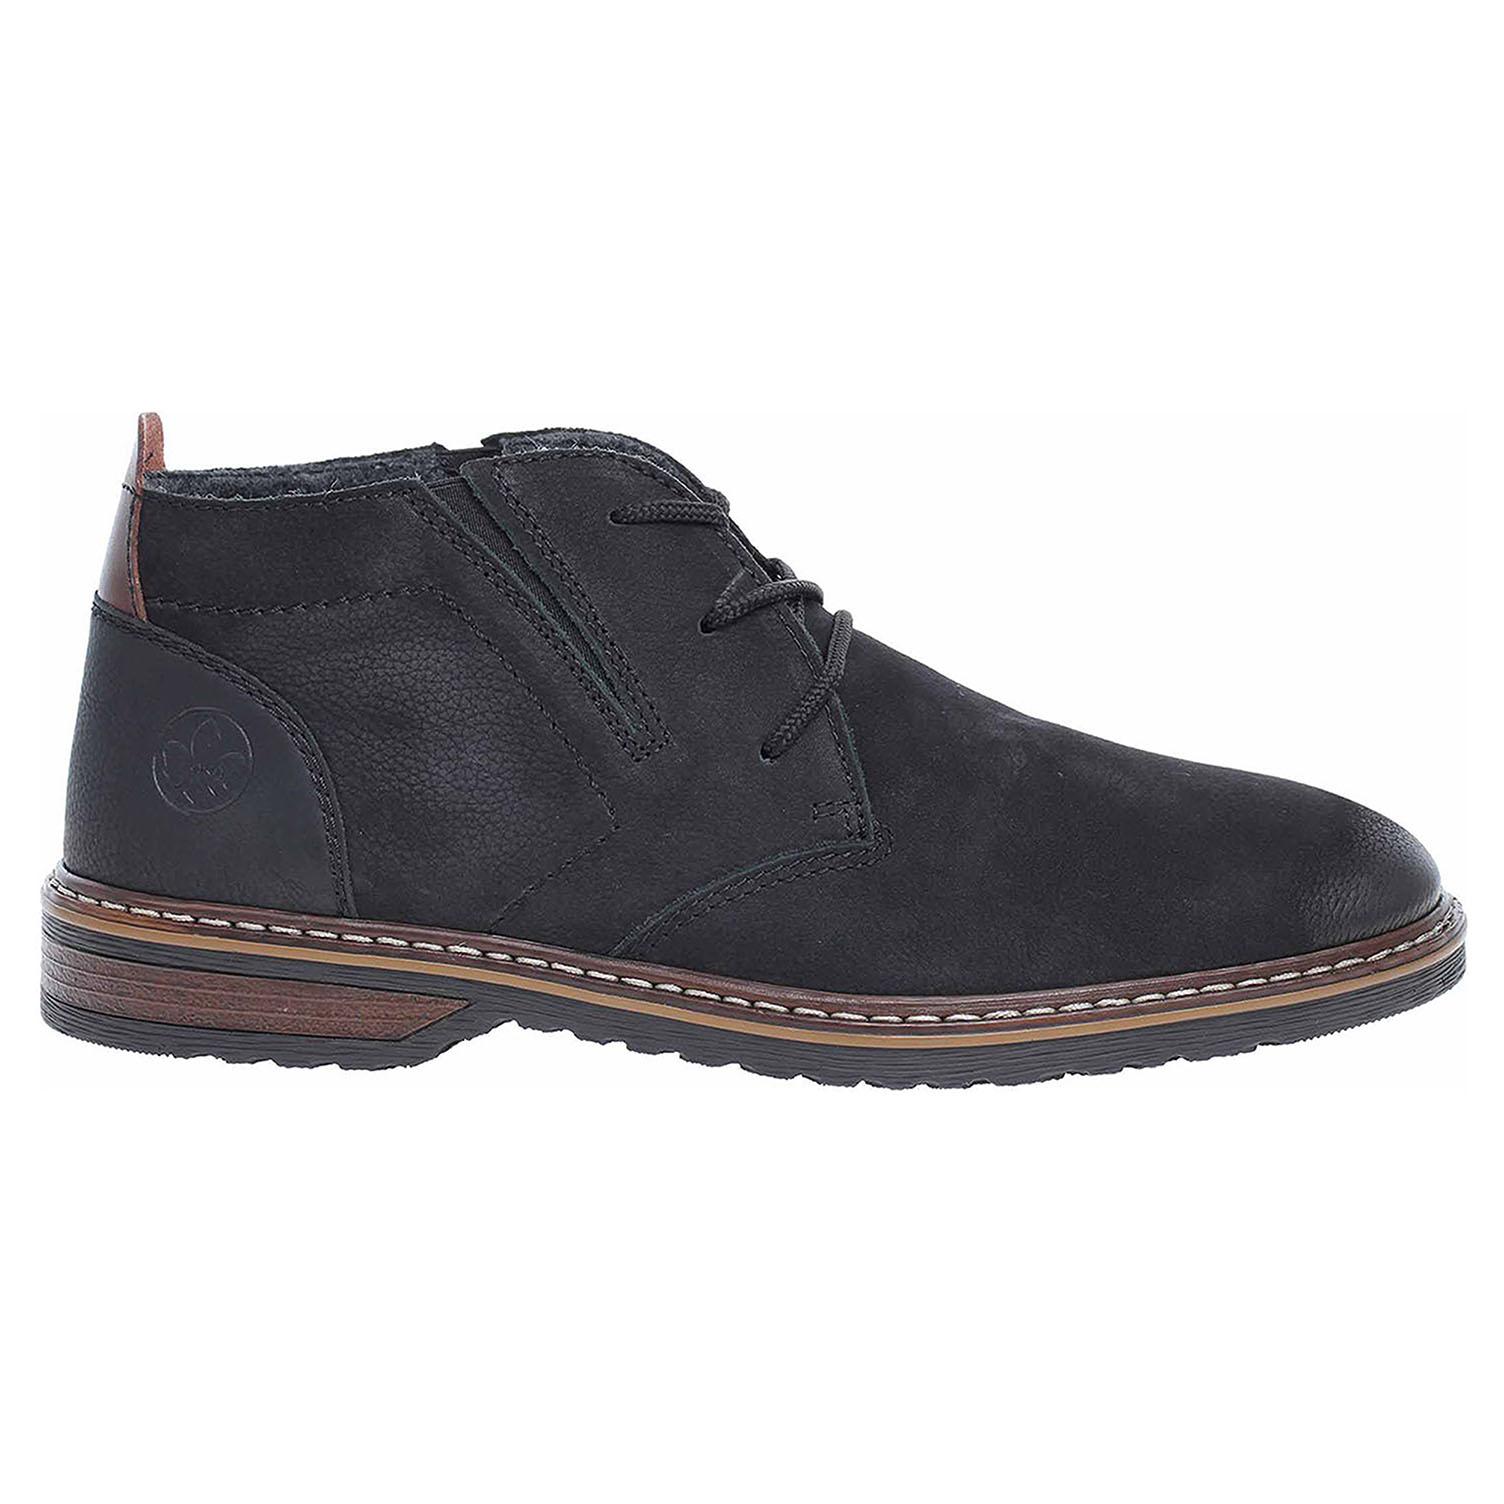 Pánská kotníková obuv Rieker 13930-00 schwarz 13930-00 44